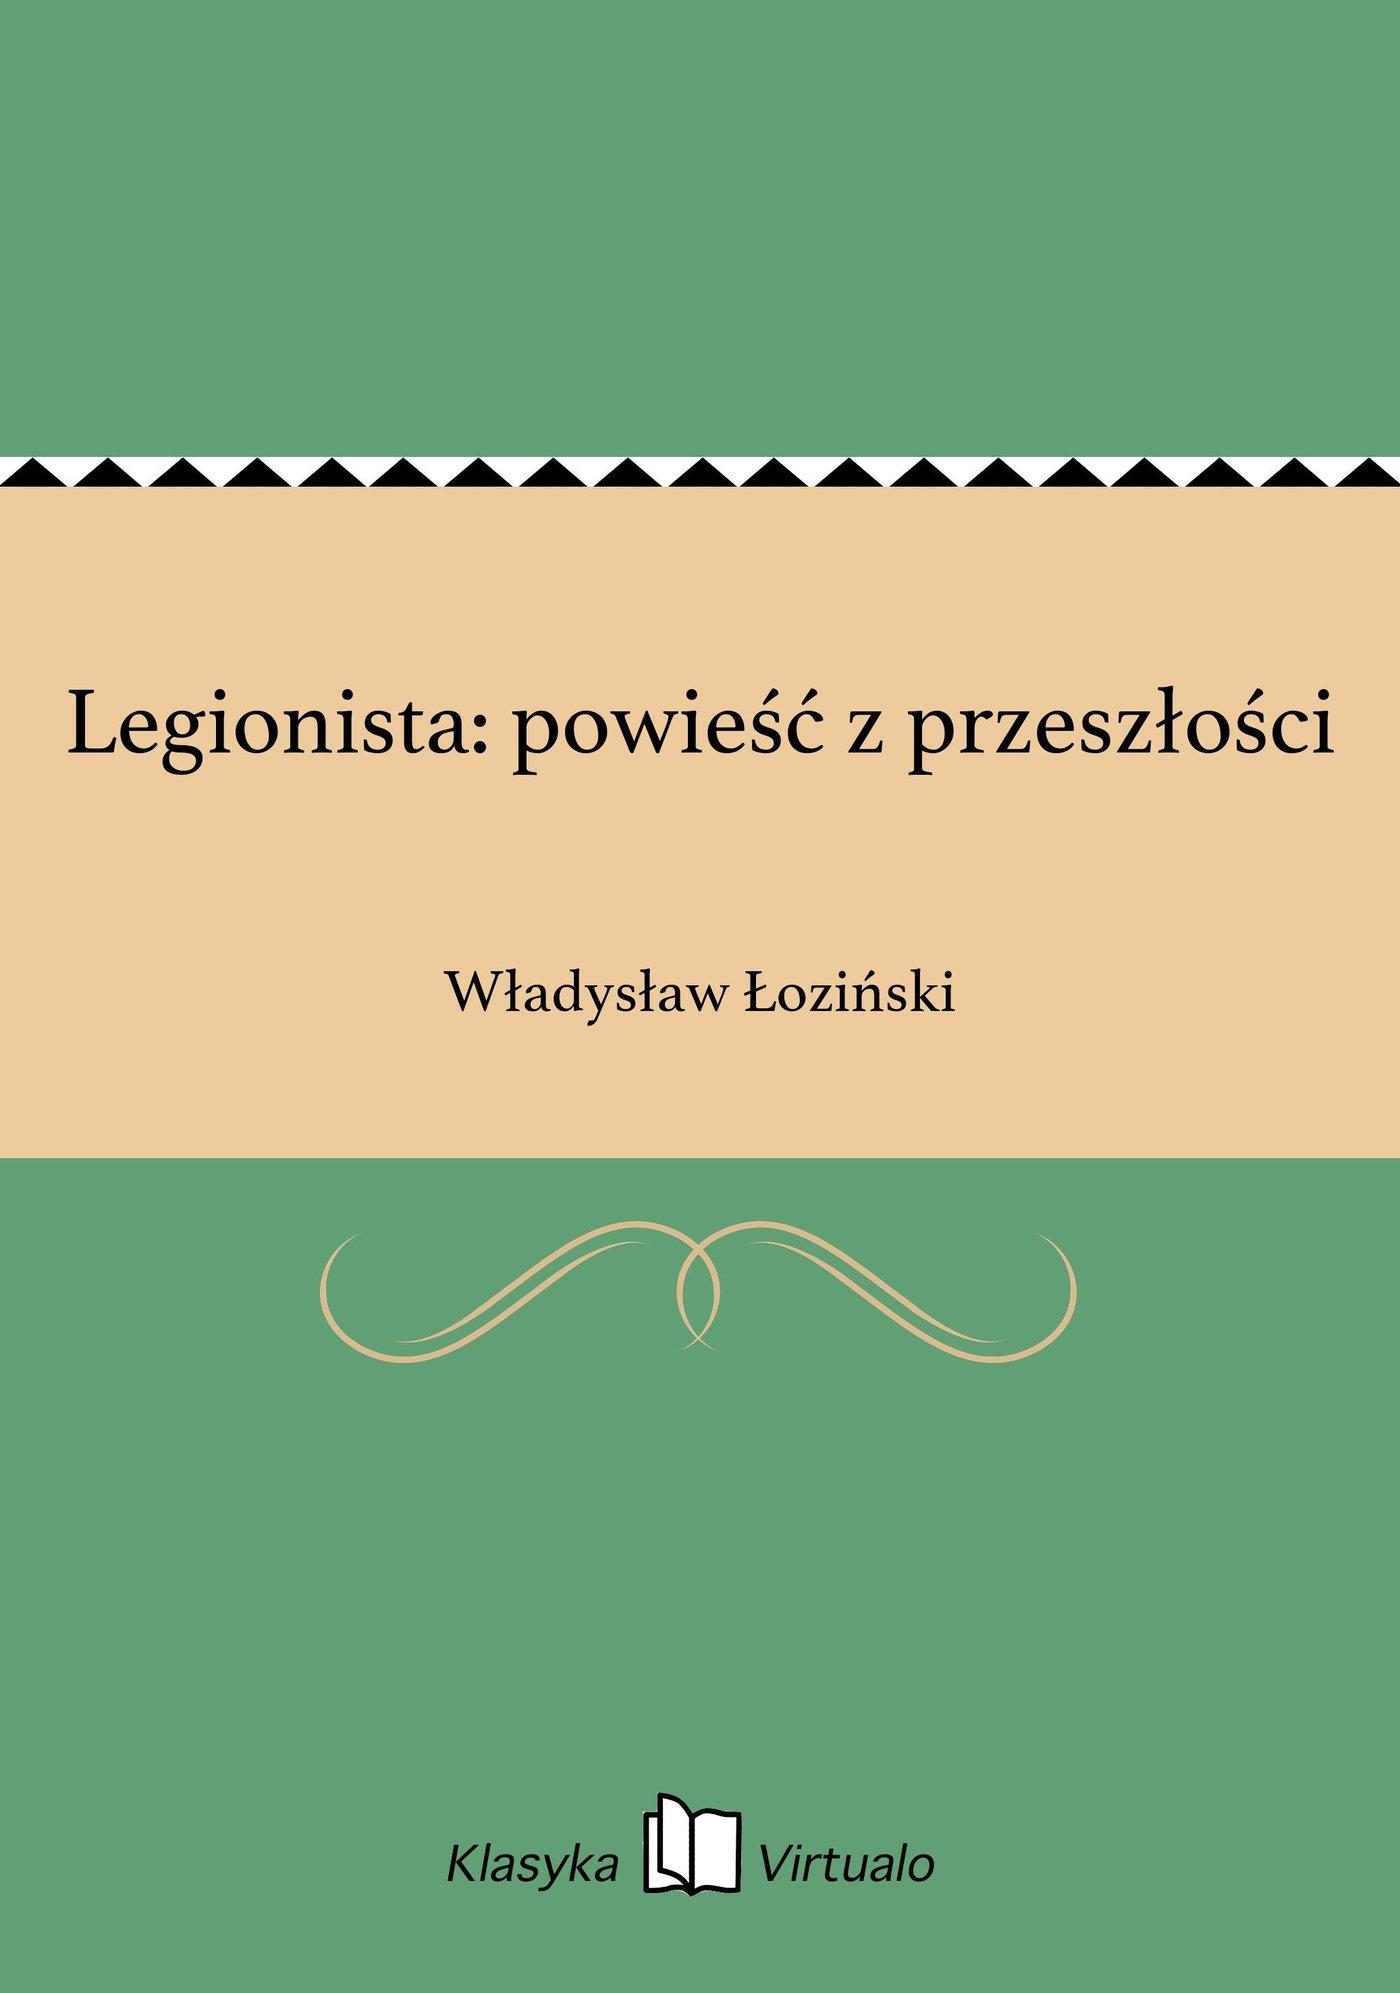 Legionista: powieść z przeszłości - Ebook (Książka EPUB) do pobrania w formacie EPUB